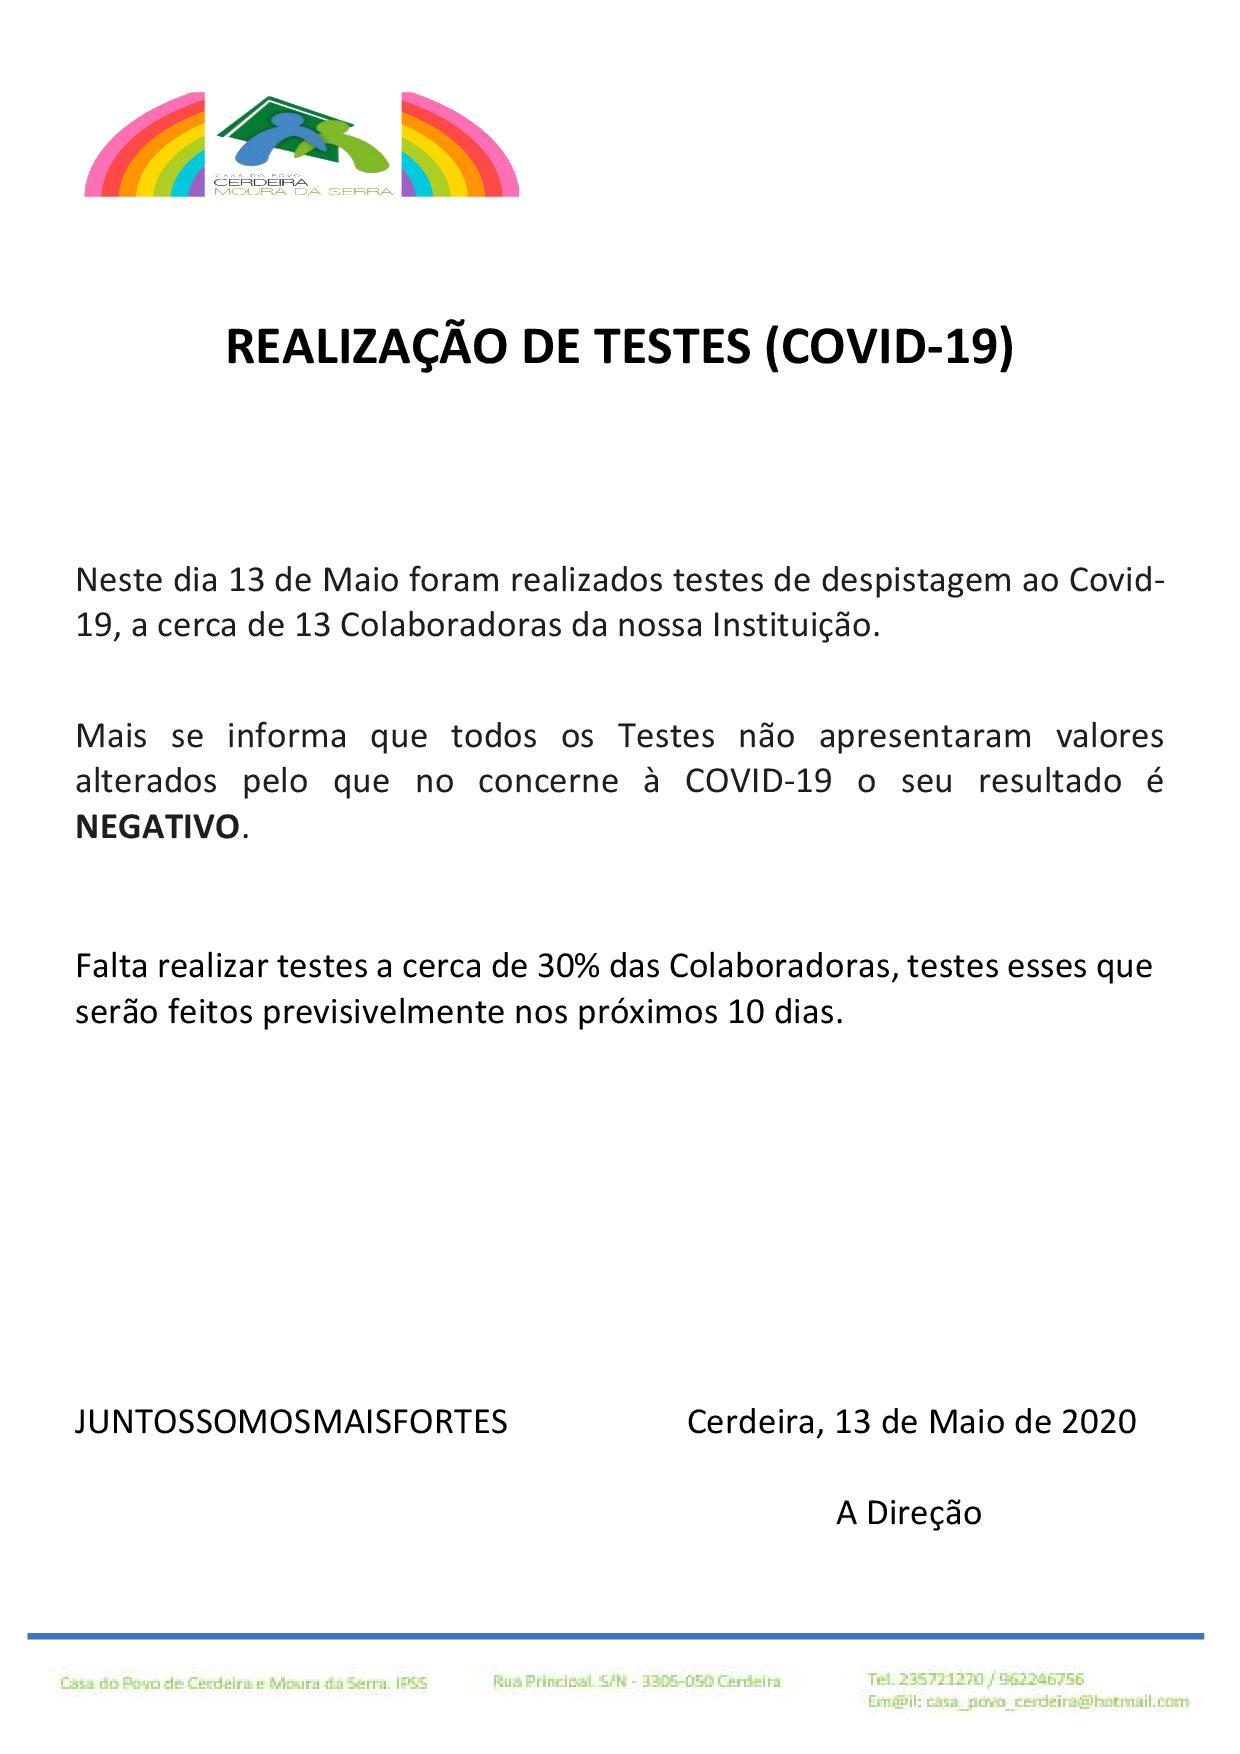 Casa do Povo de Cerdeira e Moura da Serra,I.P.S.S. – REALIZAÇÃO DE TESTES (COVID-19)